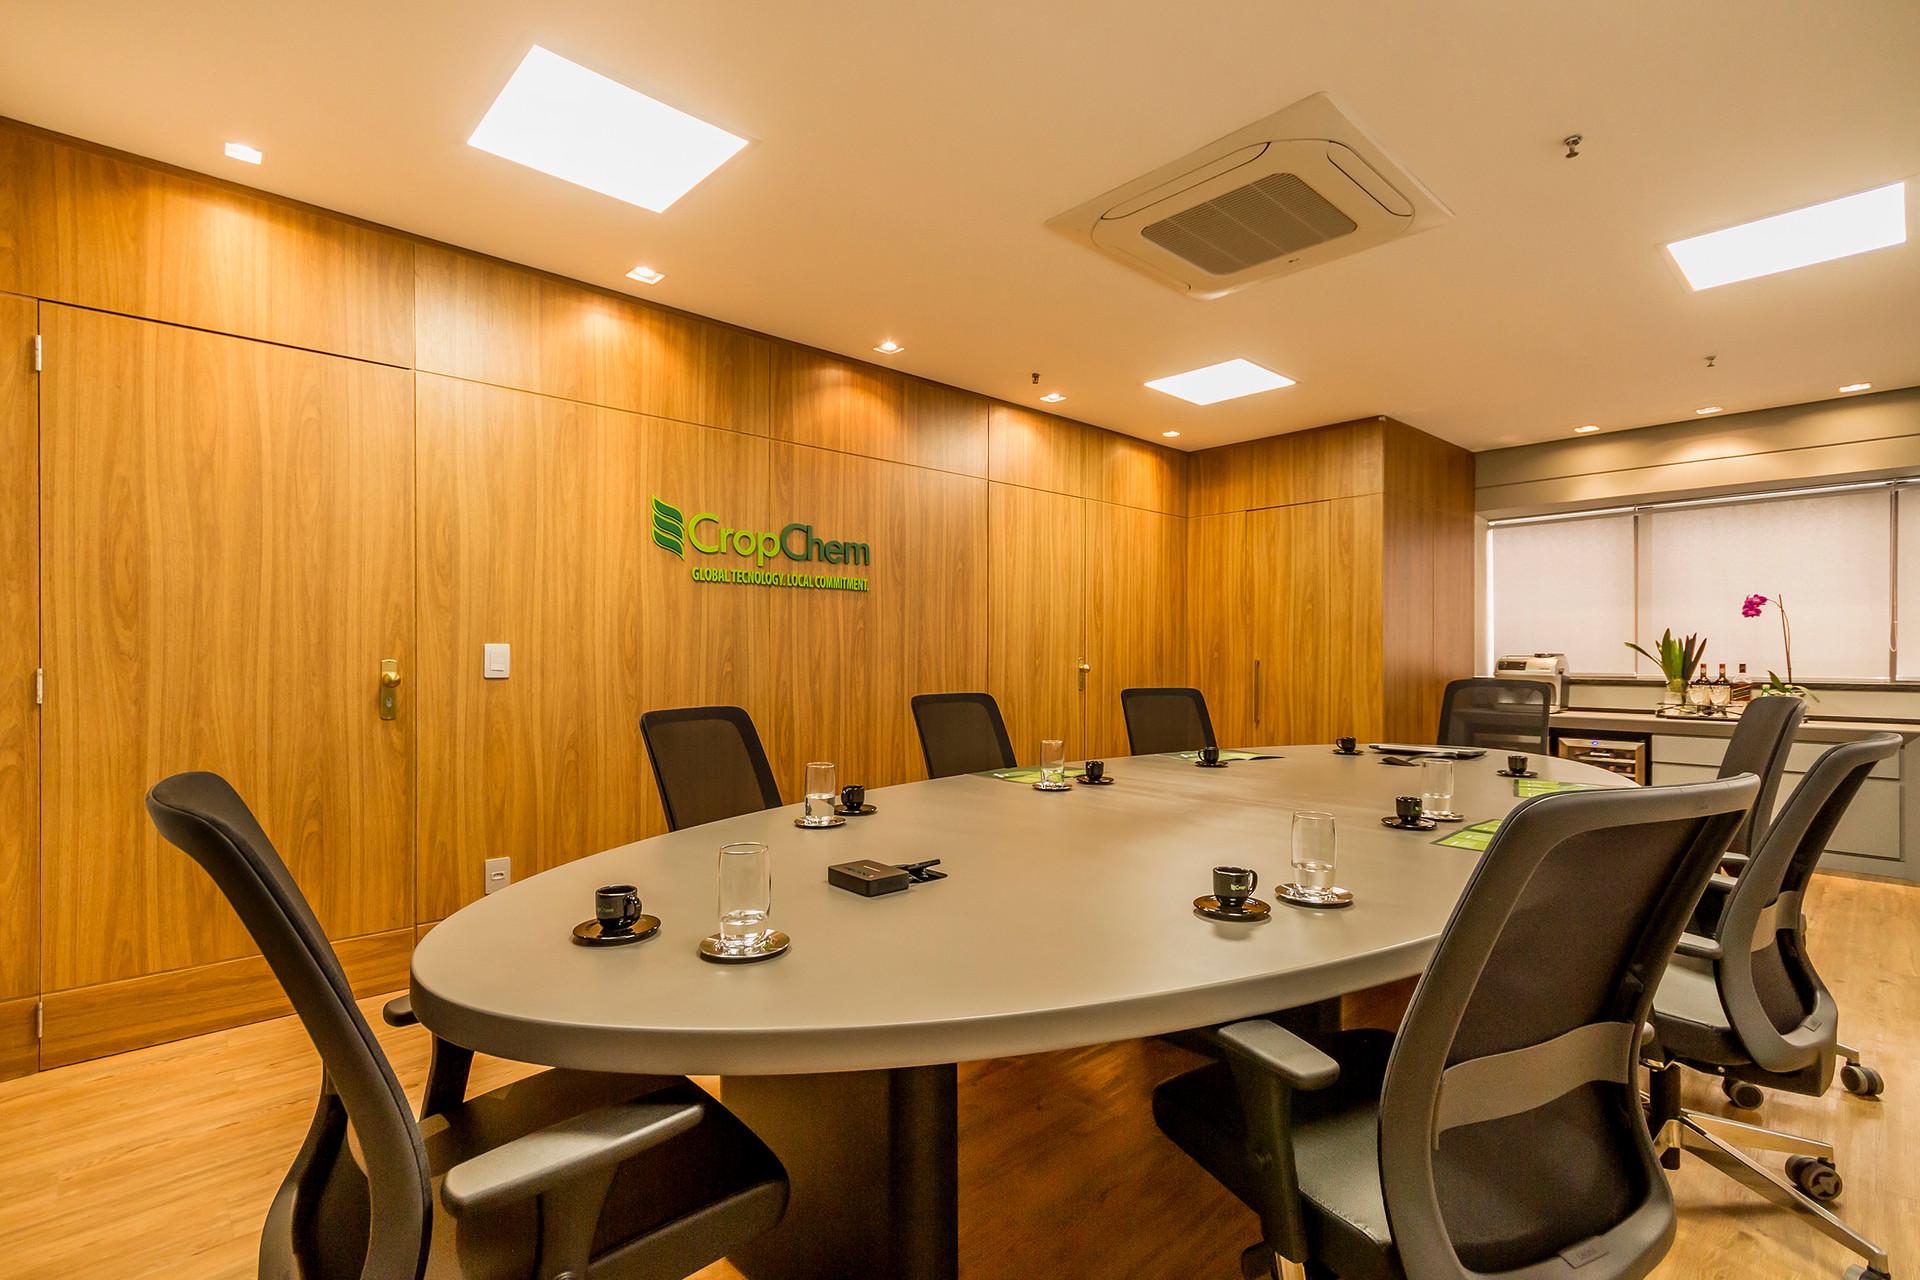 Sala de reuniões com mesa elíptica, que  melhora a circulação  e confere conforto aos usuários.